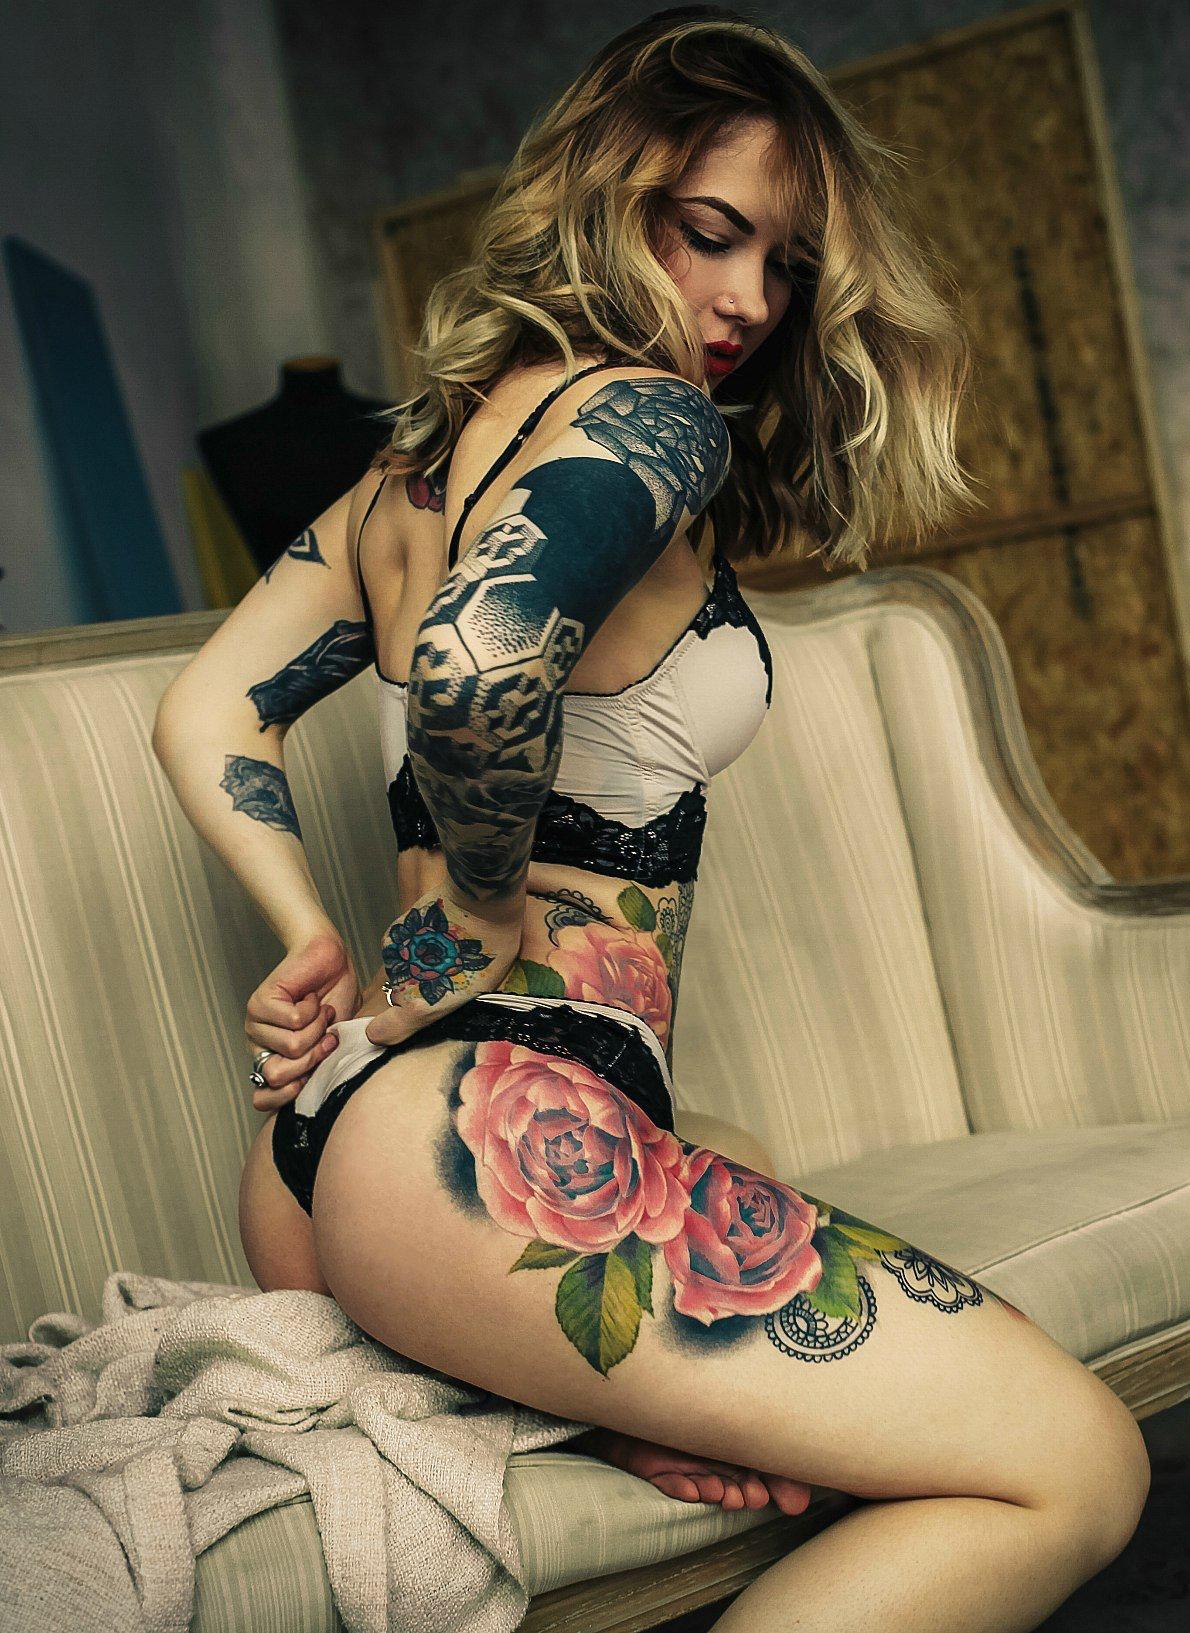 Hd booty pics